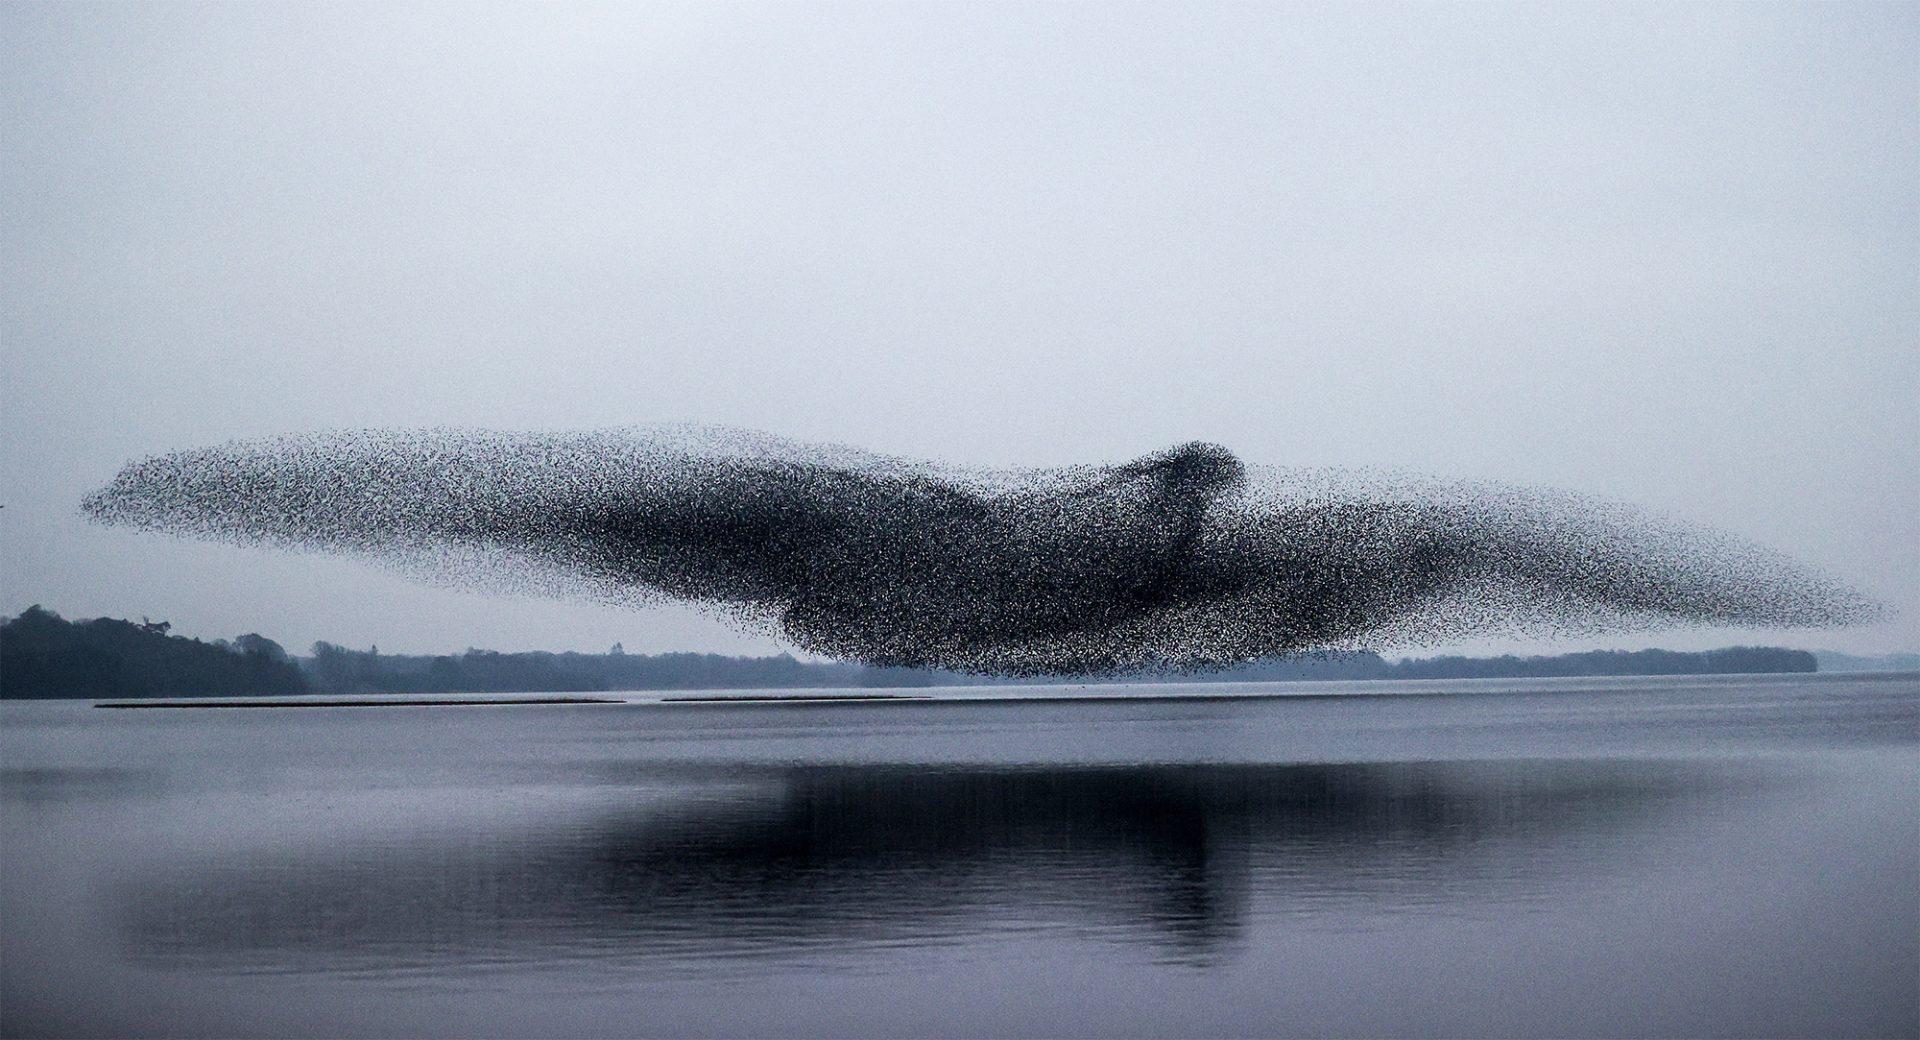 Époustouflant : ce nuage d'étourneaux forme un oiseau géant